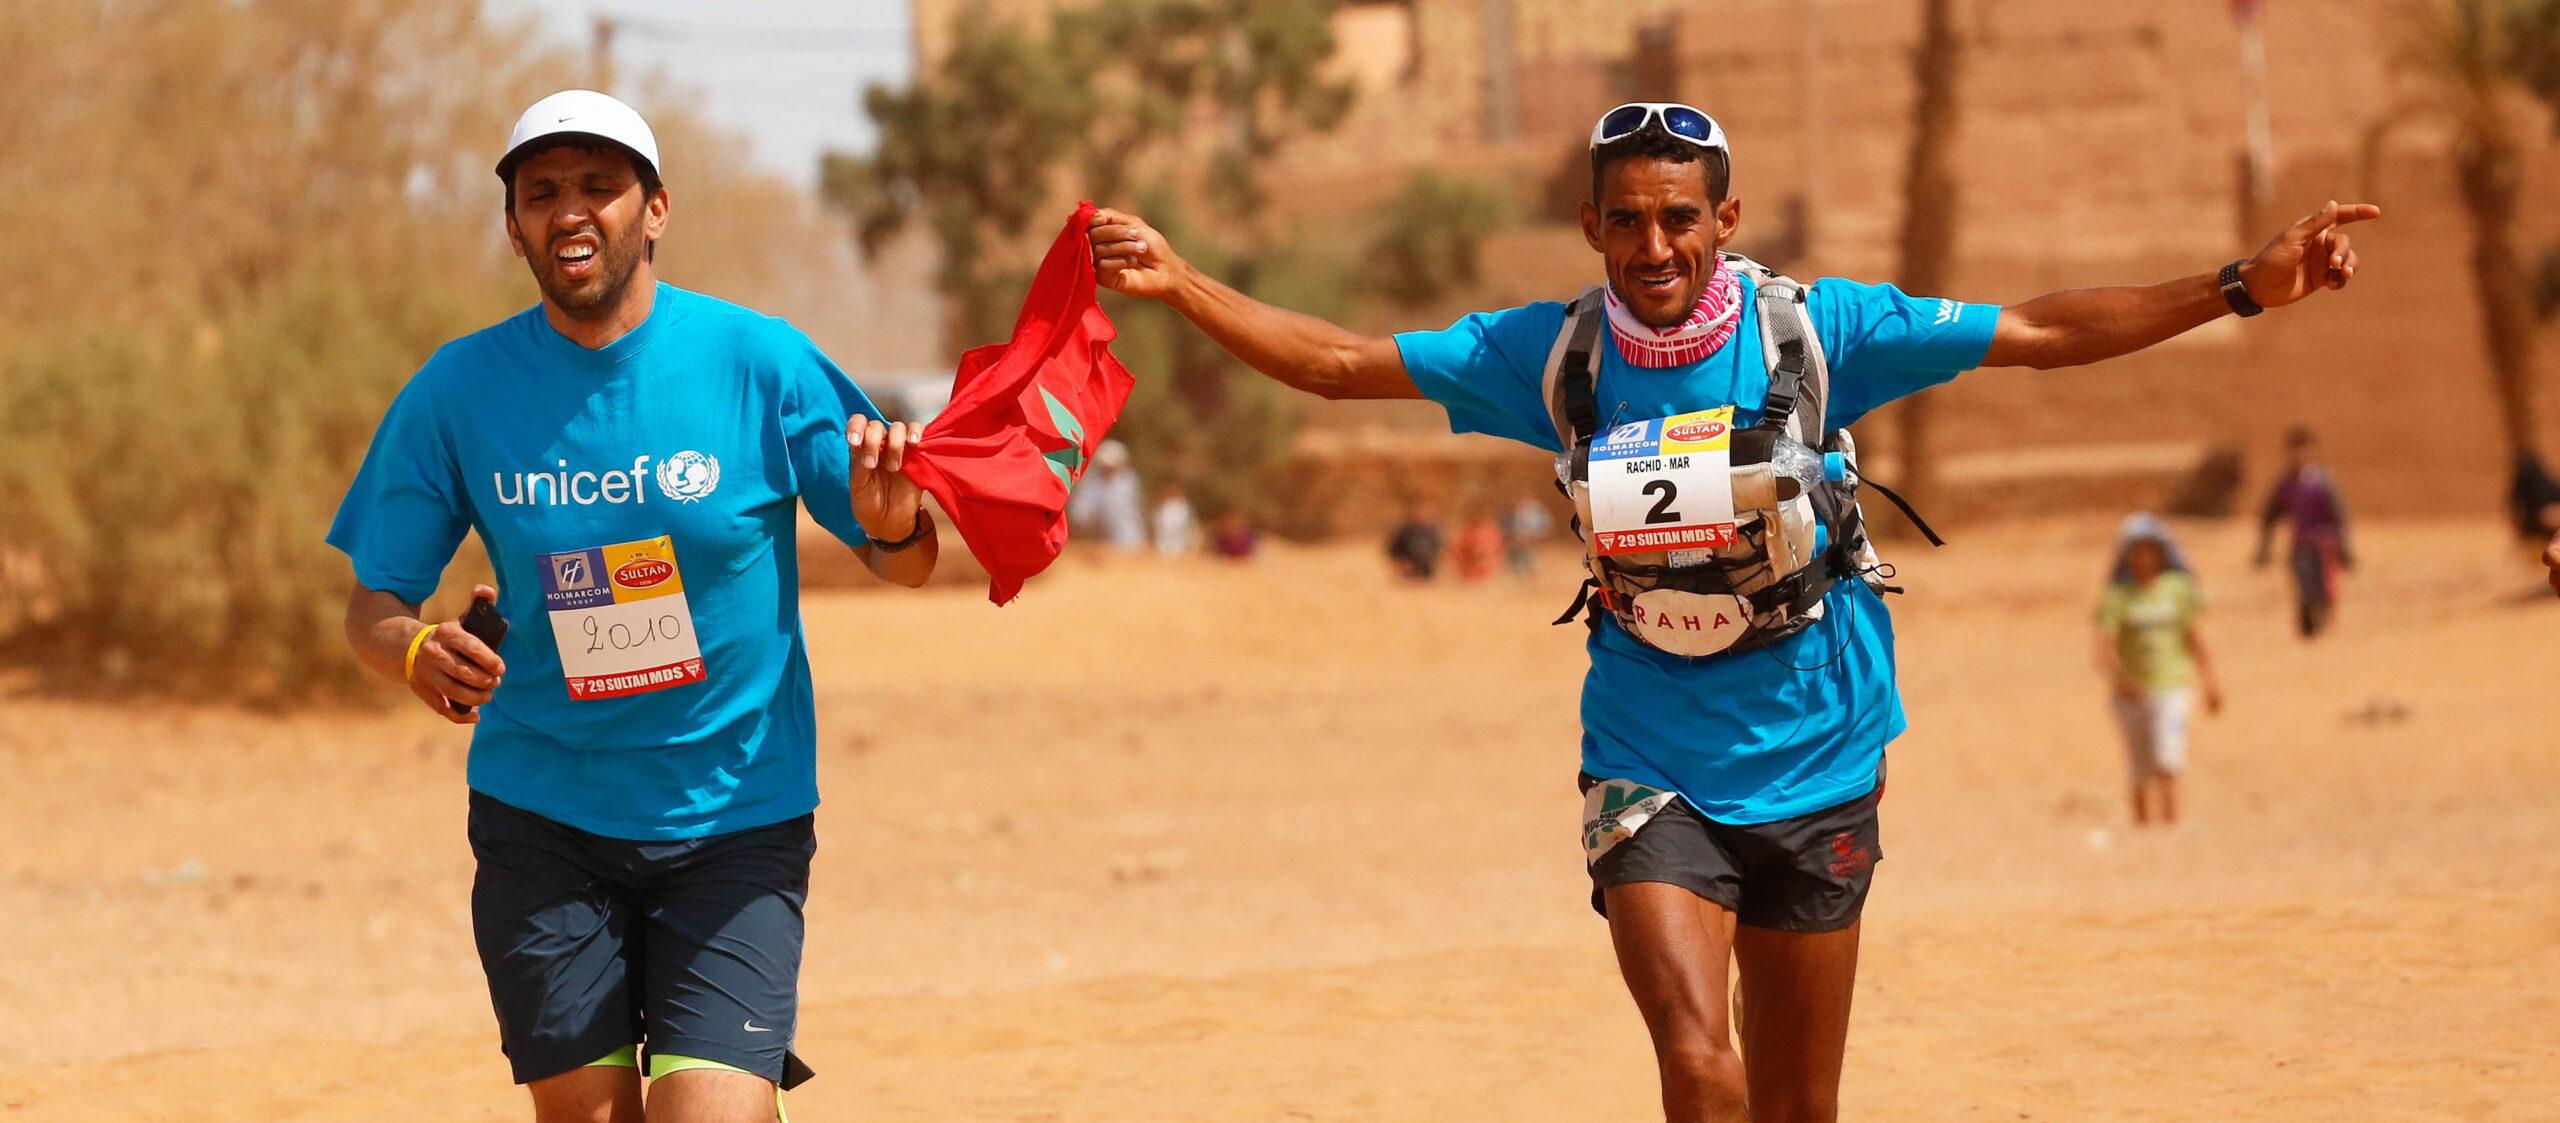 Rachid El Morabity (bras ouverts) a remporté son huitième Marathon des sables.